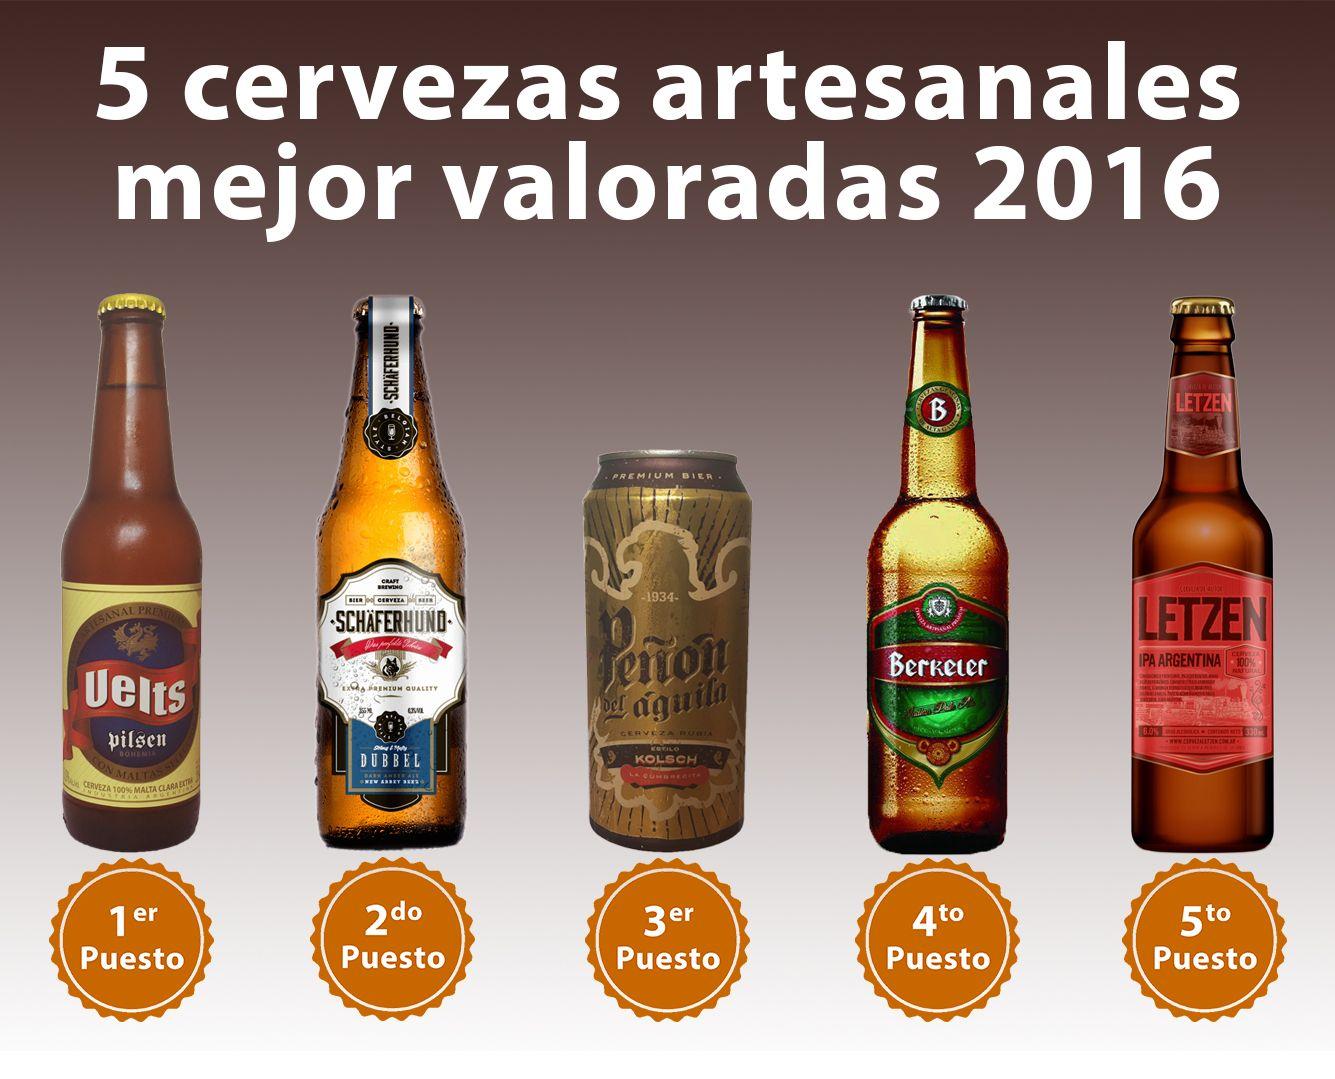 Las cervezas artesanales preferidas por los argentinos